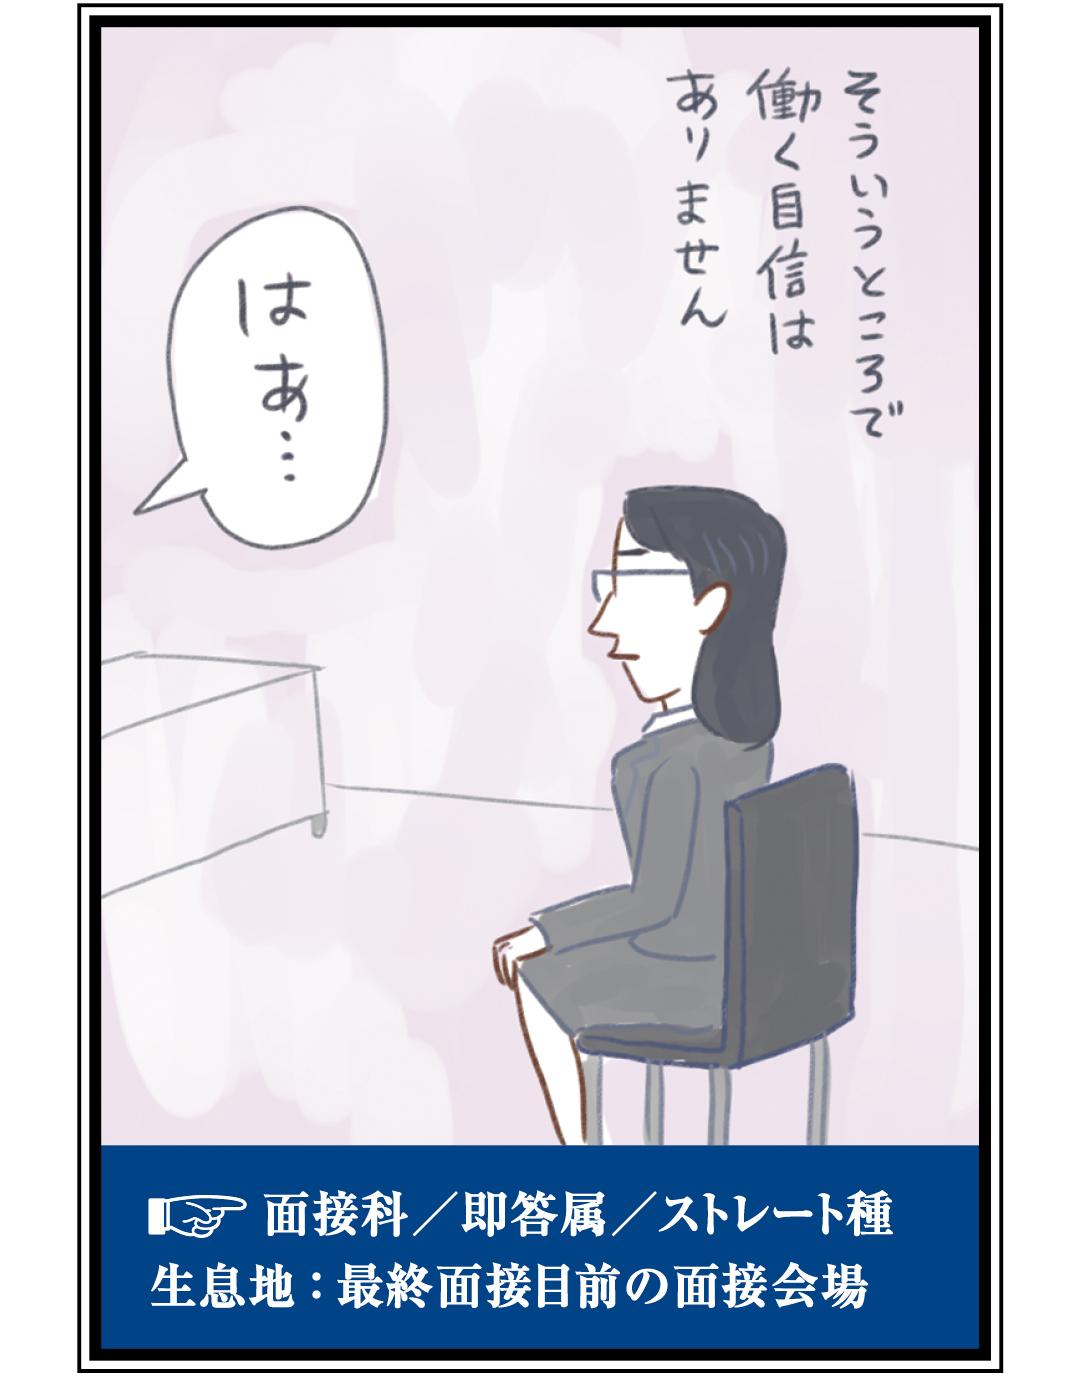 残念な就活生図鑑★ リアルNG集&プロのアドバイスつき!_1_3